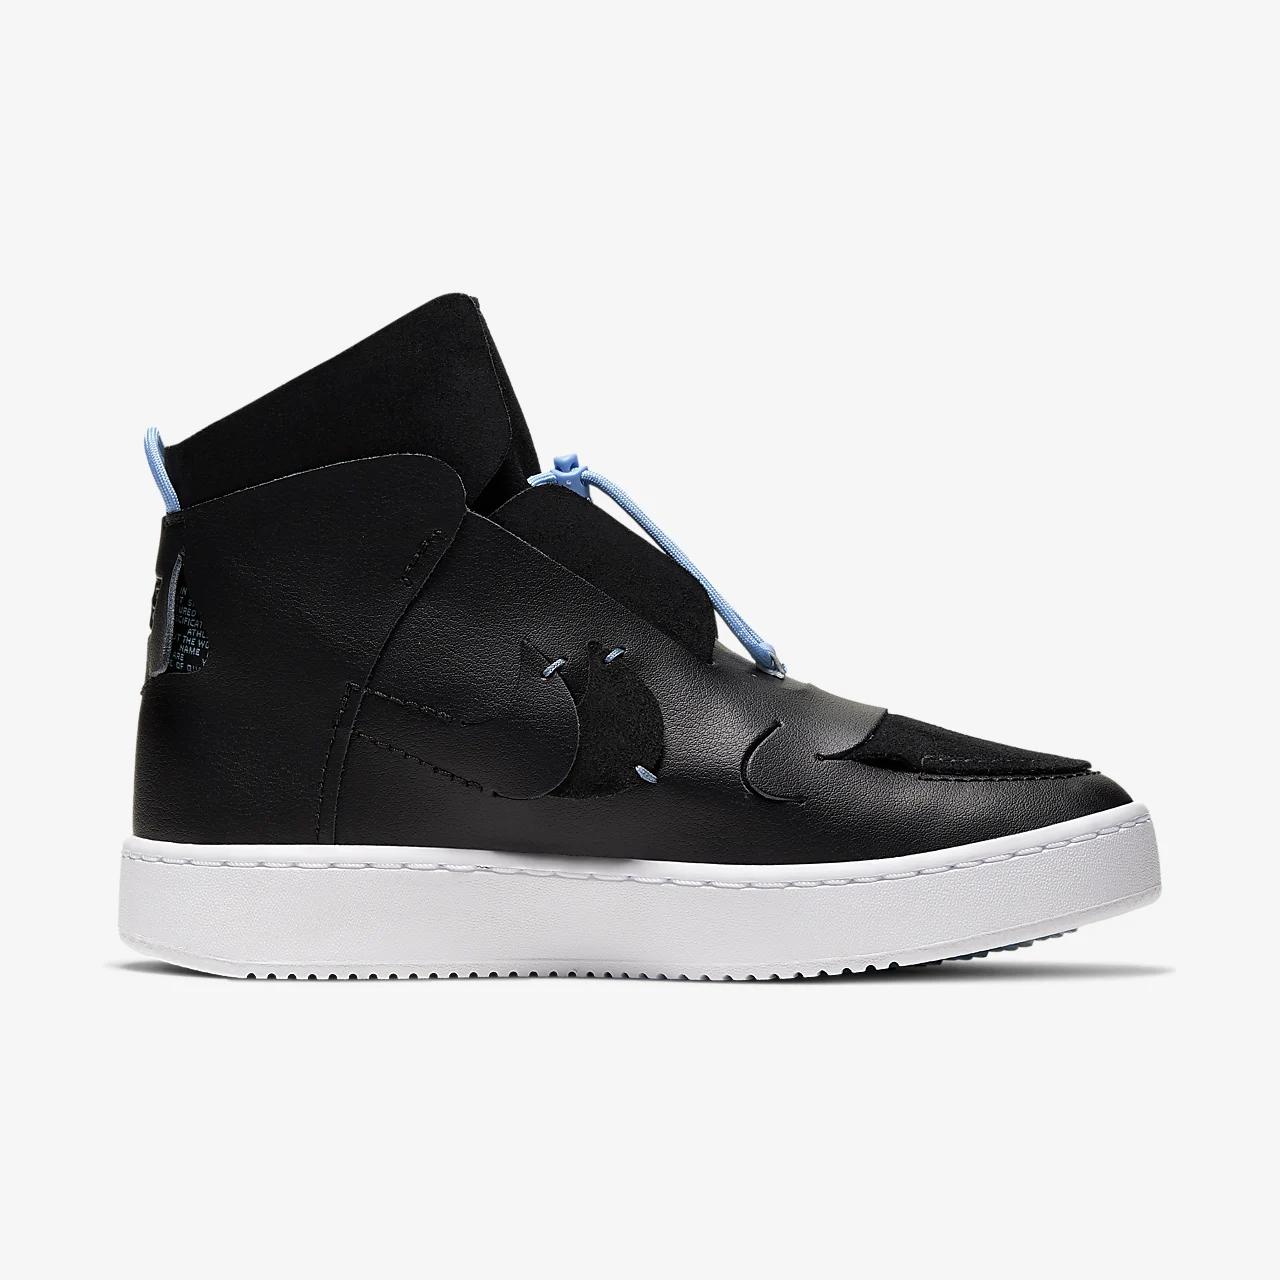 유럽직배송 나이키 NIKE Nike Vandalised Women's Shoe BQ3610-001